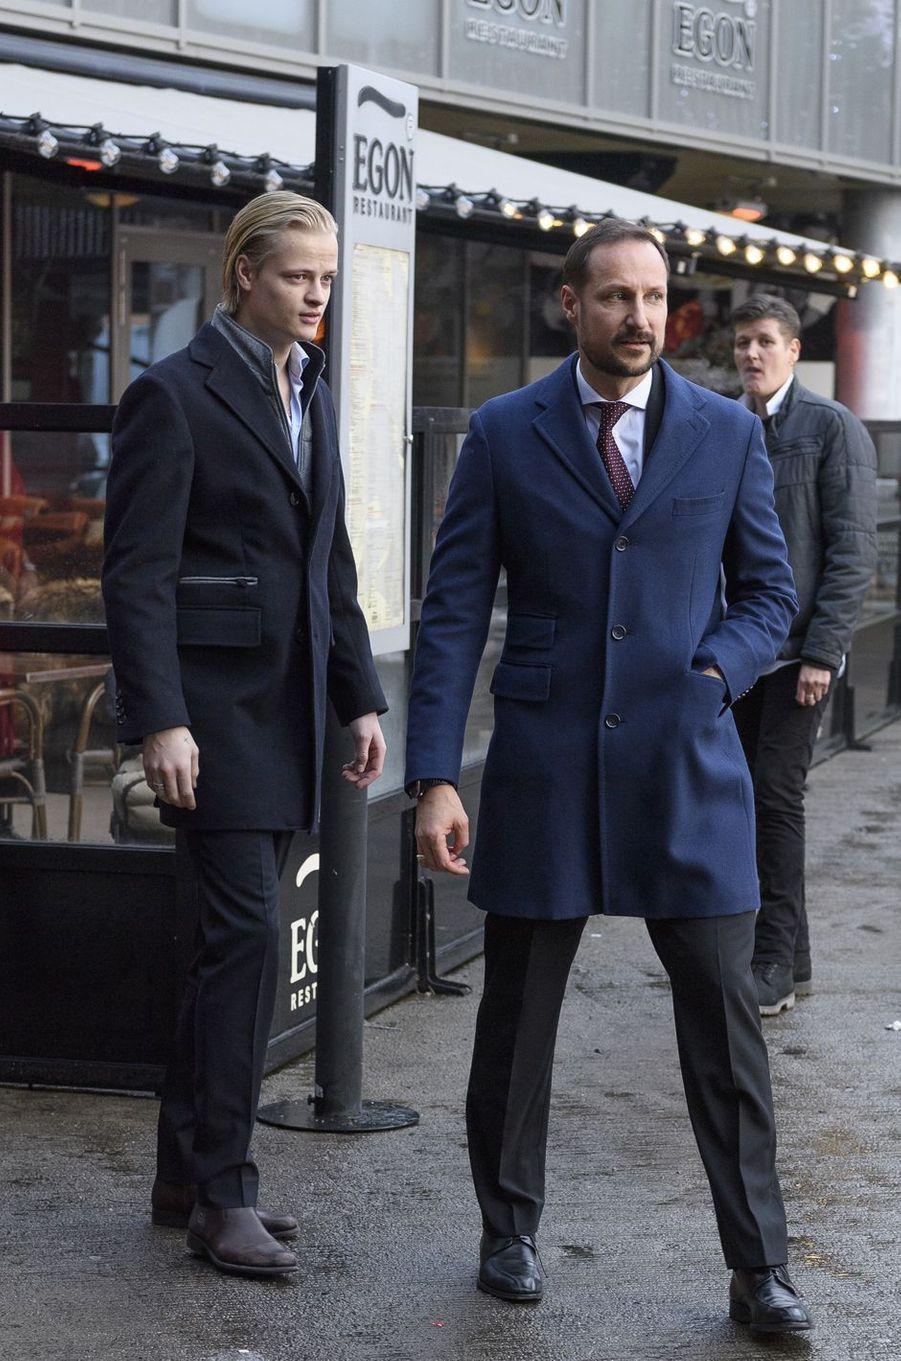 Marius Borg Hoiby et son beau-père le prince Haakon de Norvège, le 24 décembre 2017 à Oslo